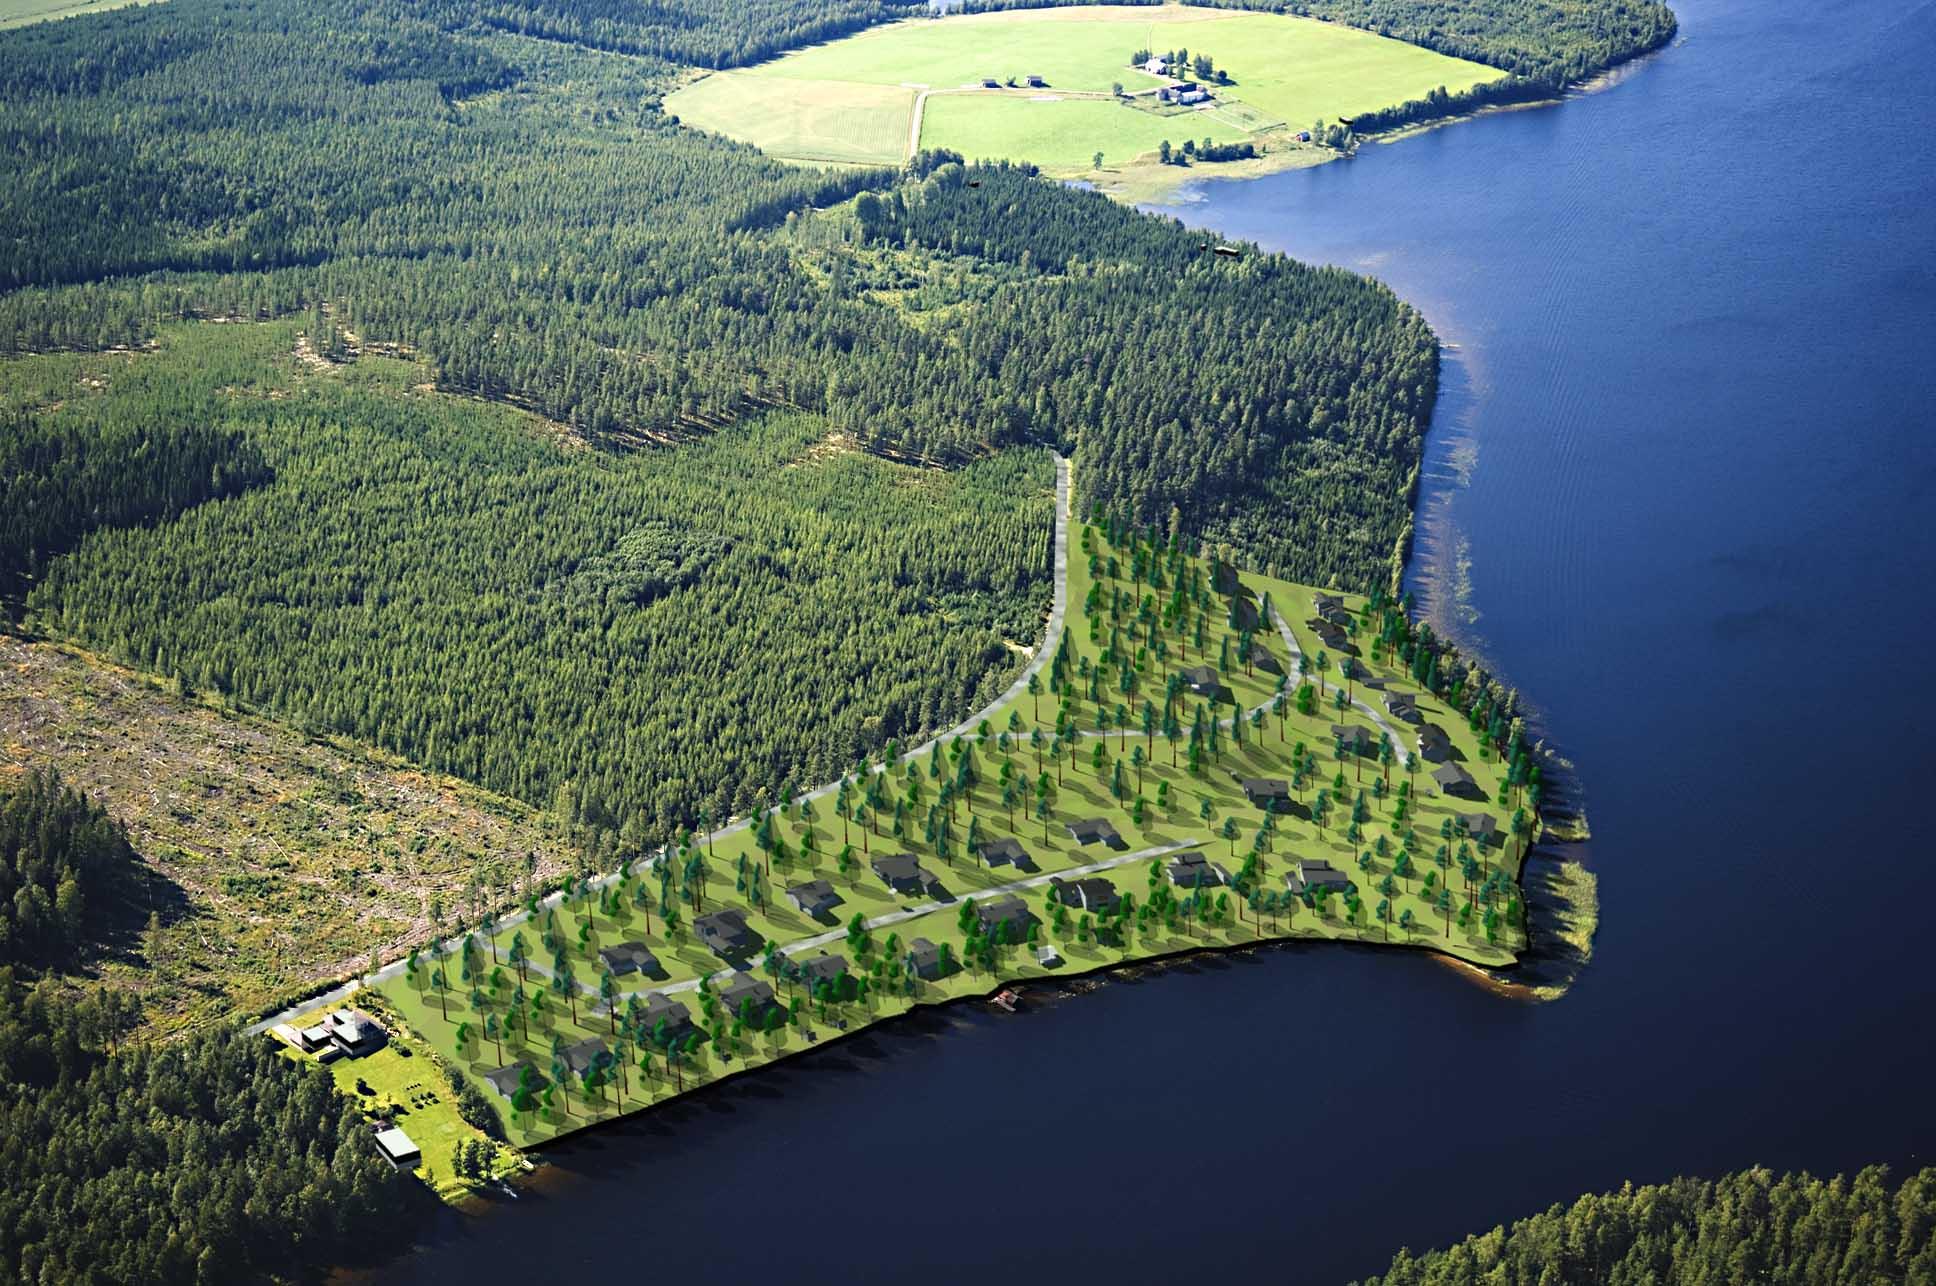 Visiokuva Tuhmalanniemen asuinalueesta.